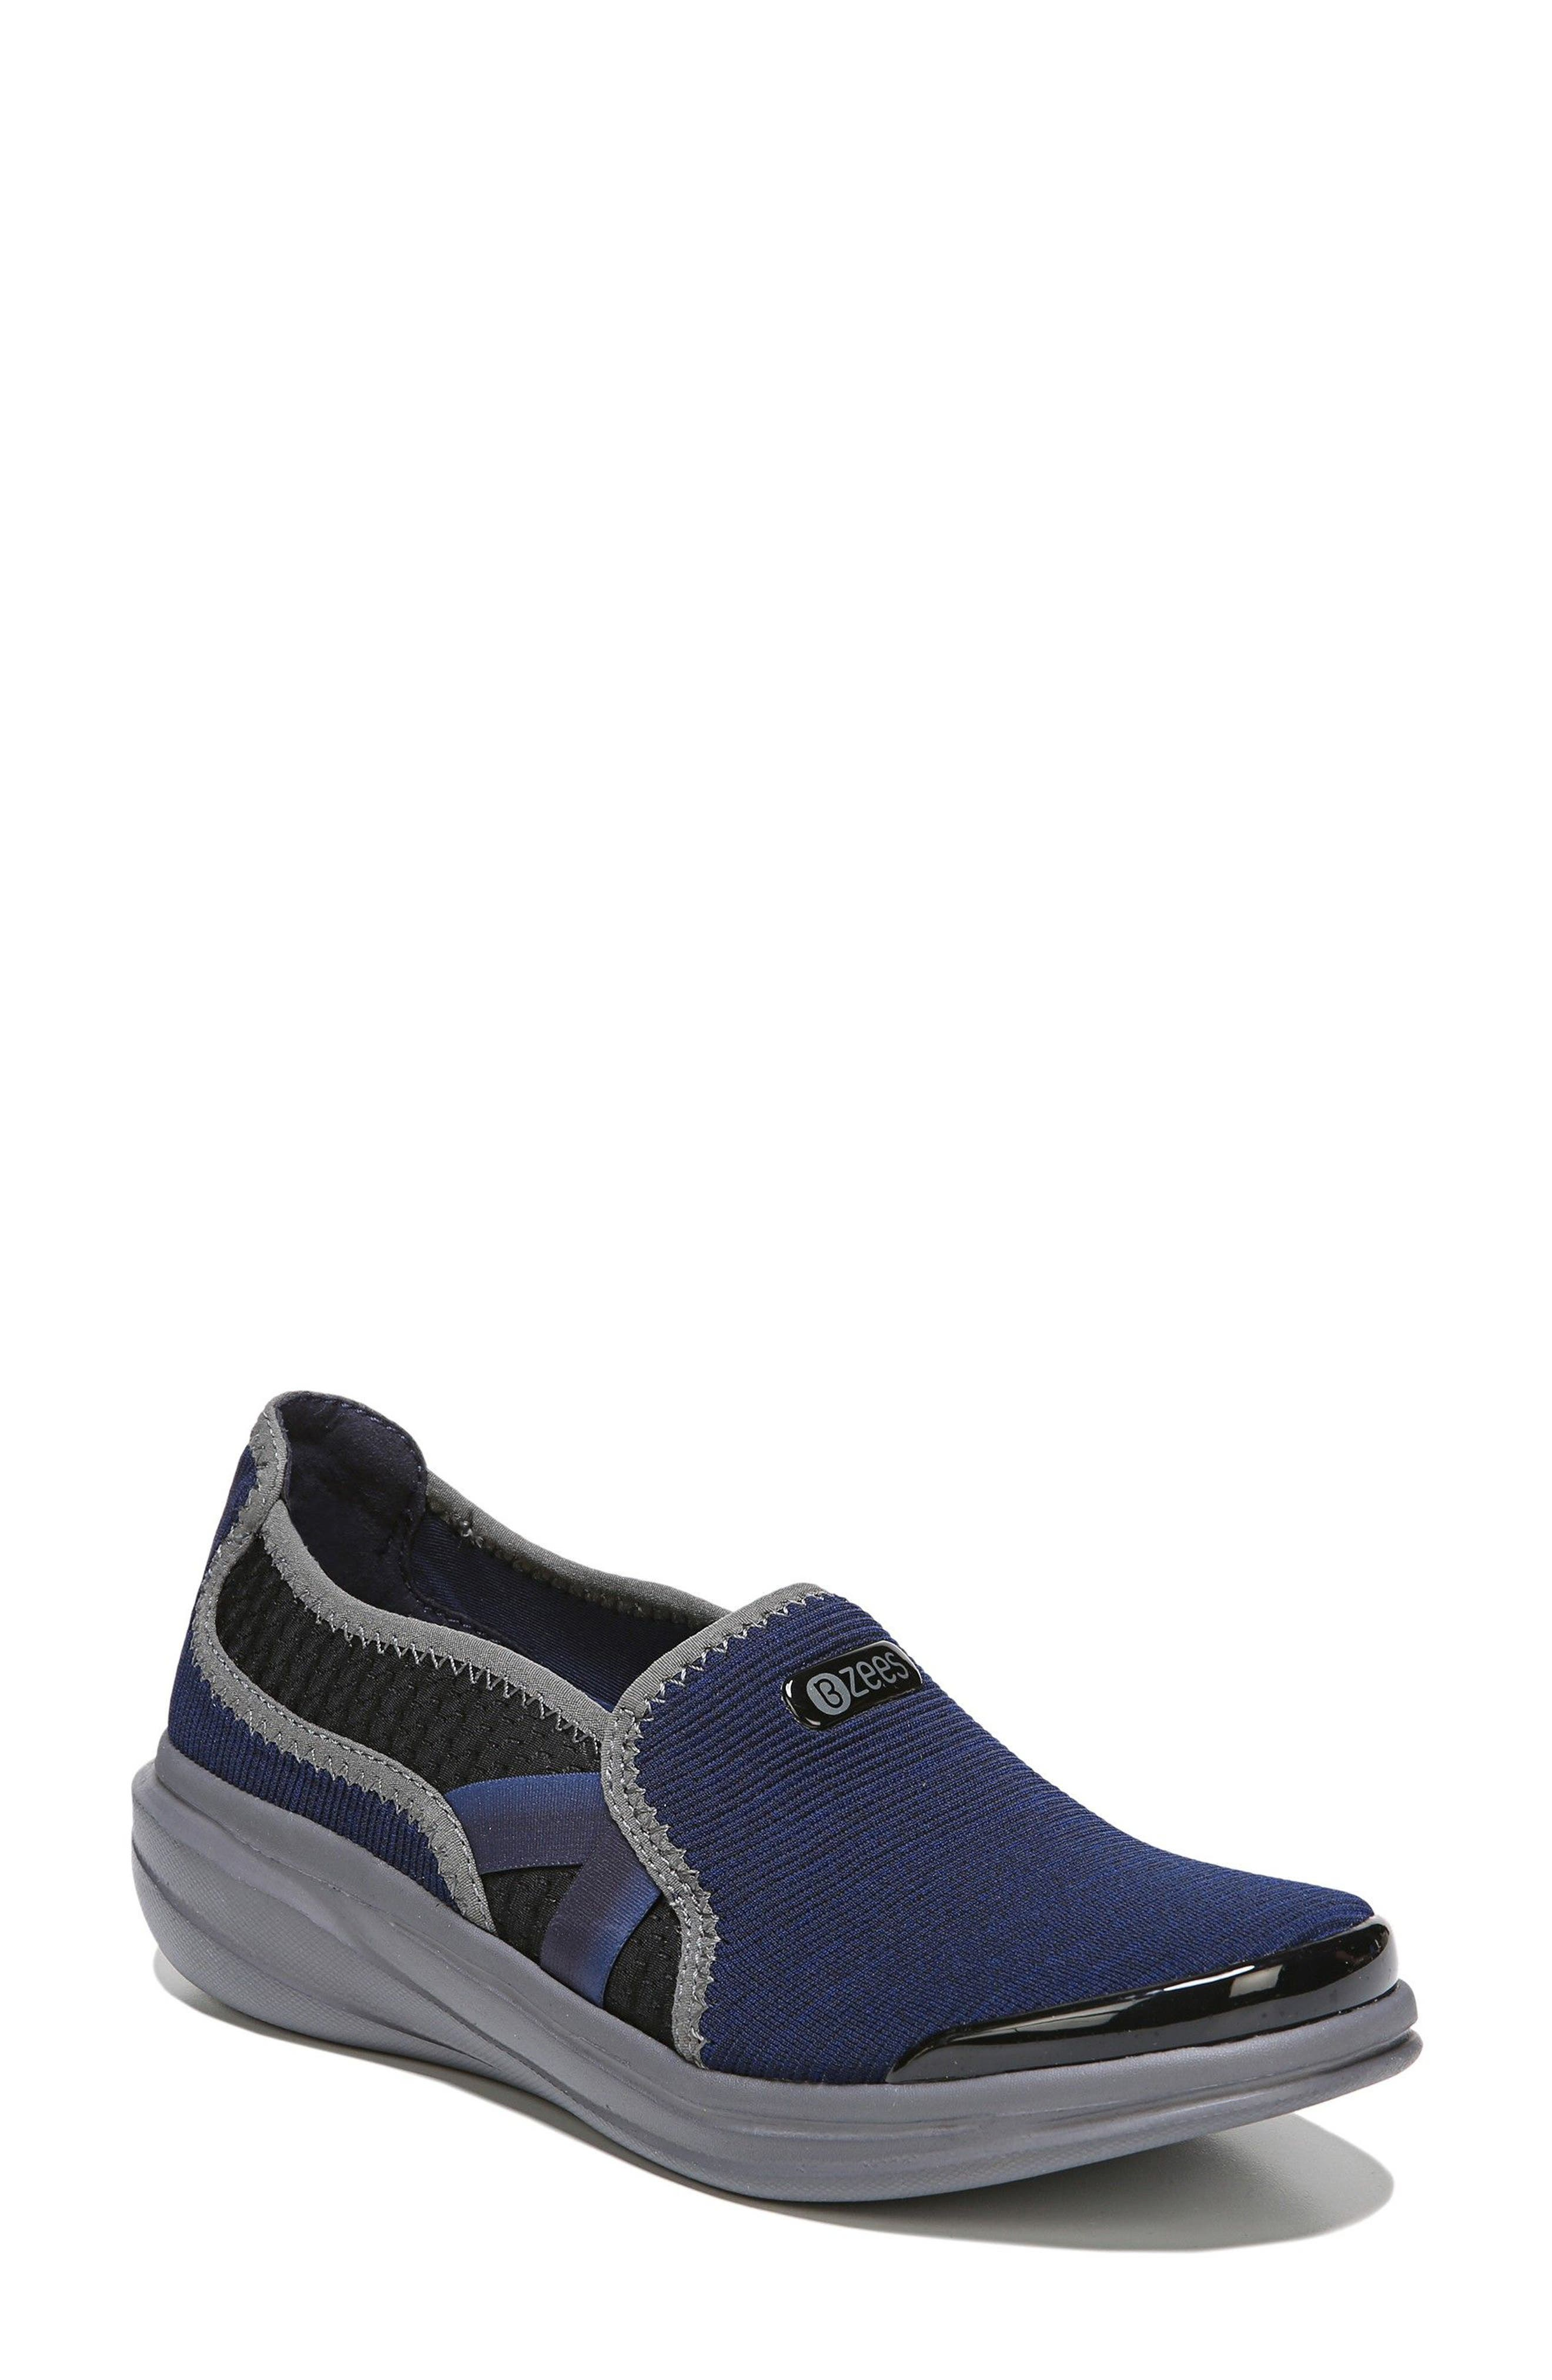 BZees Cruise Slip-On Sneaker (Women)